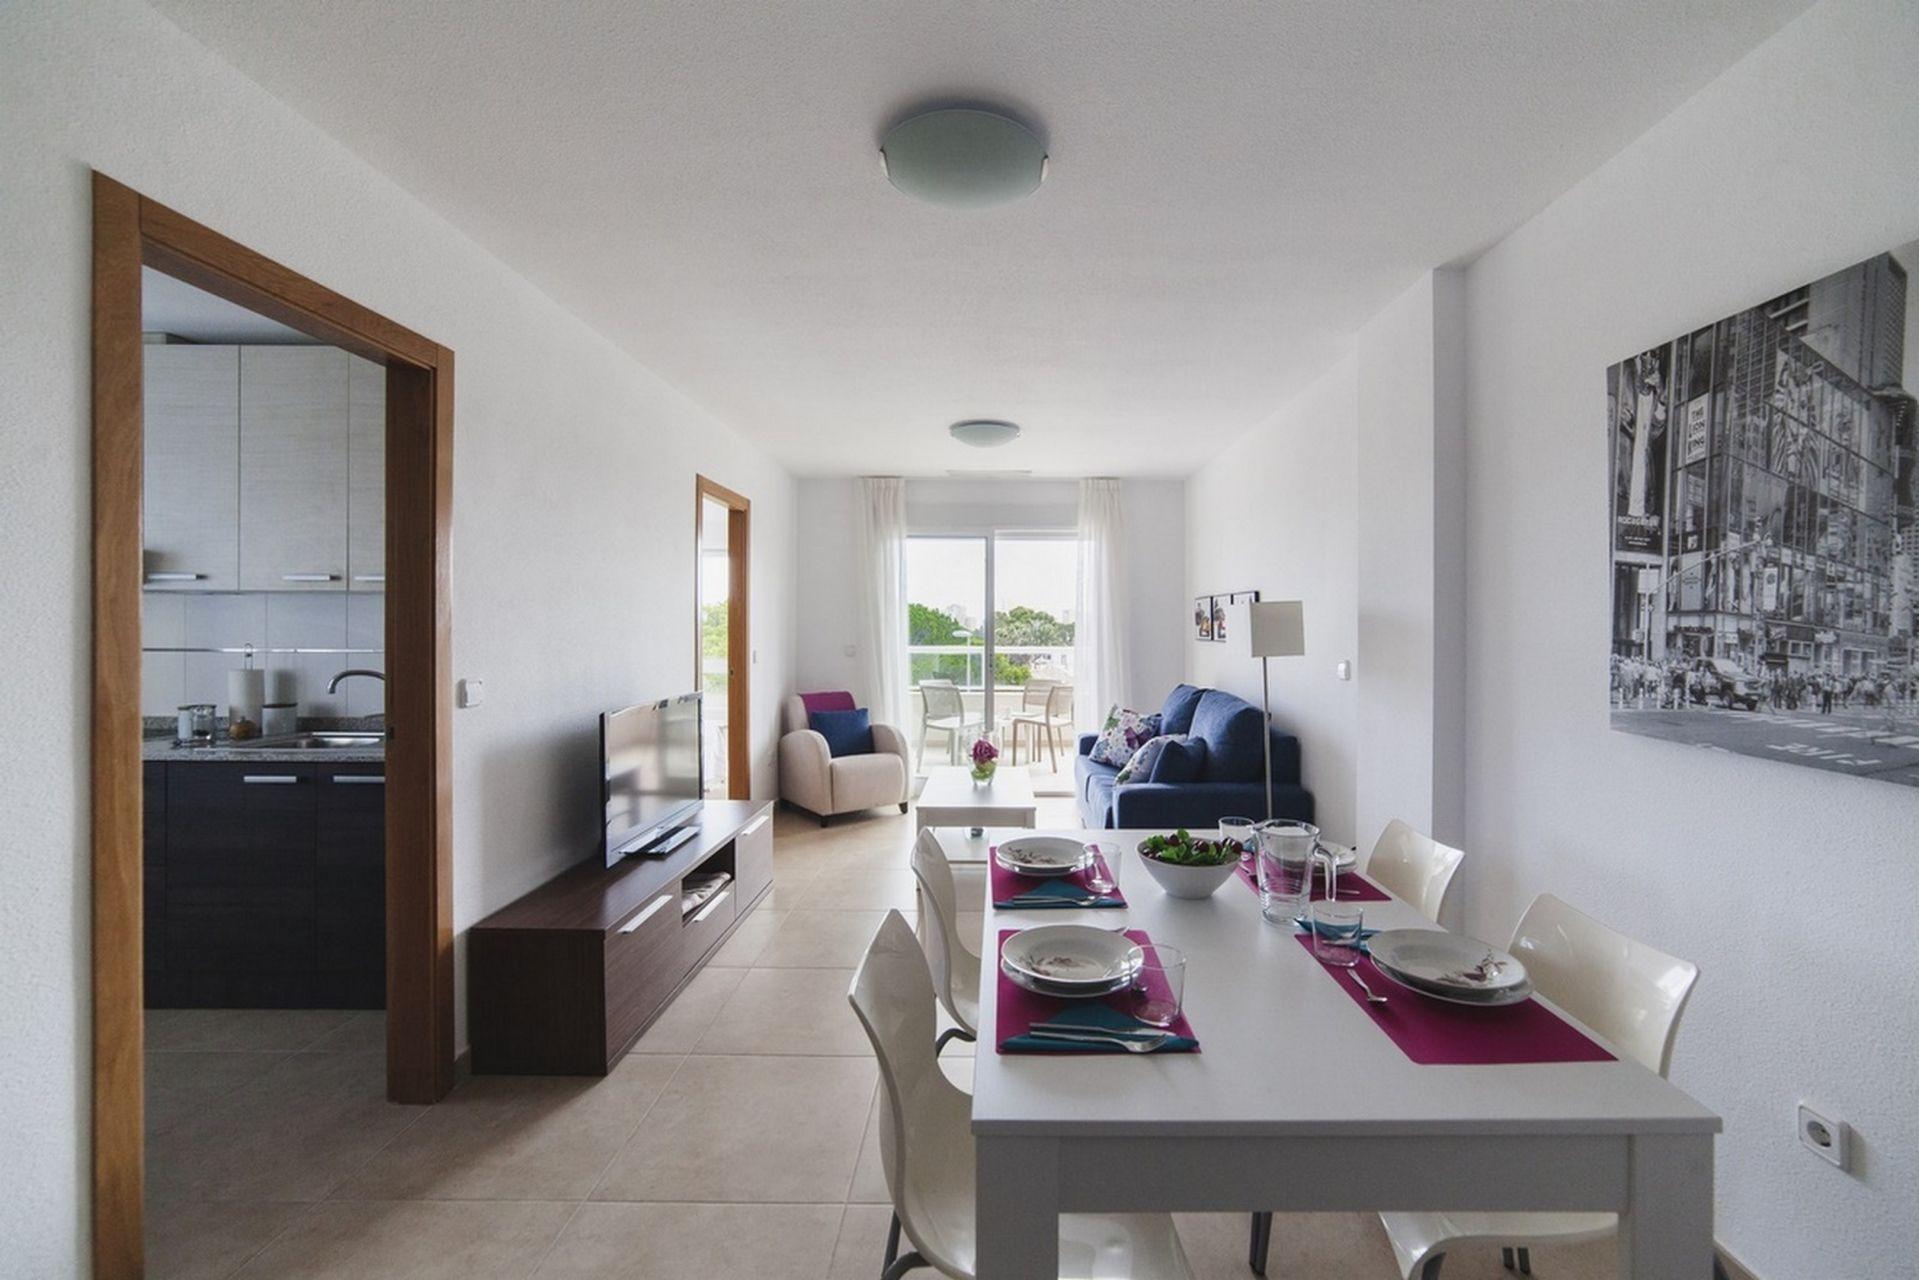 Apartments in Dehesa de Campoamor 1